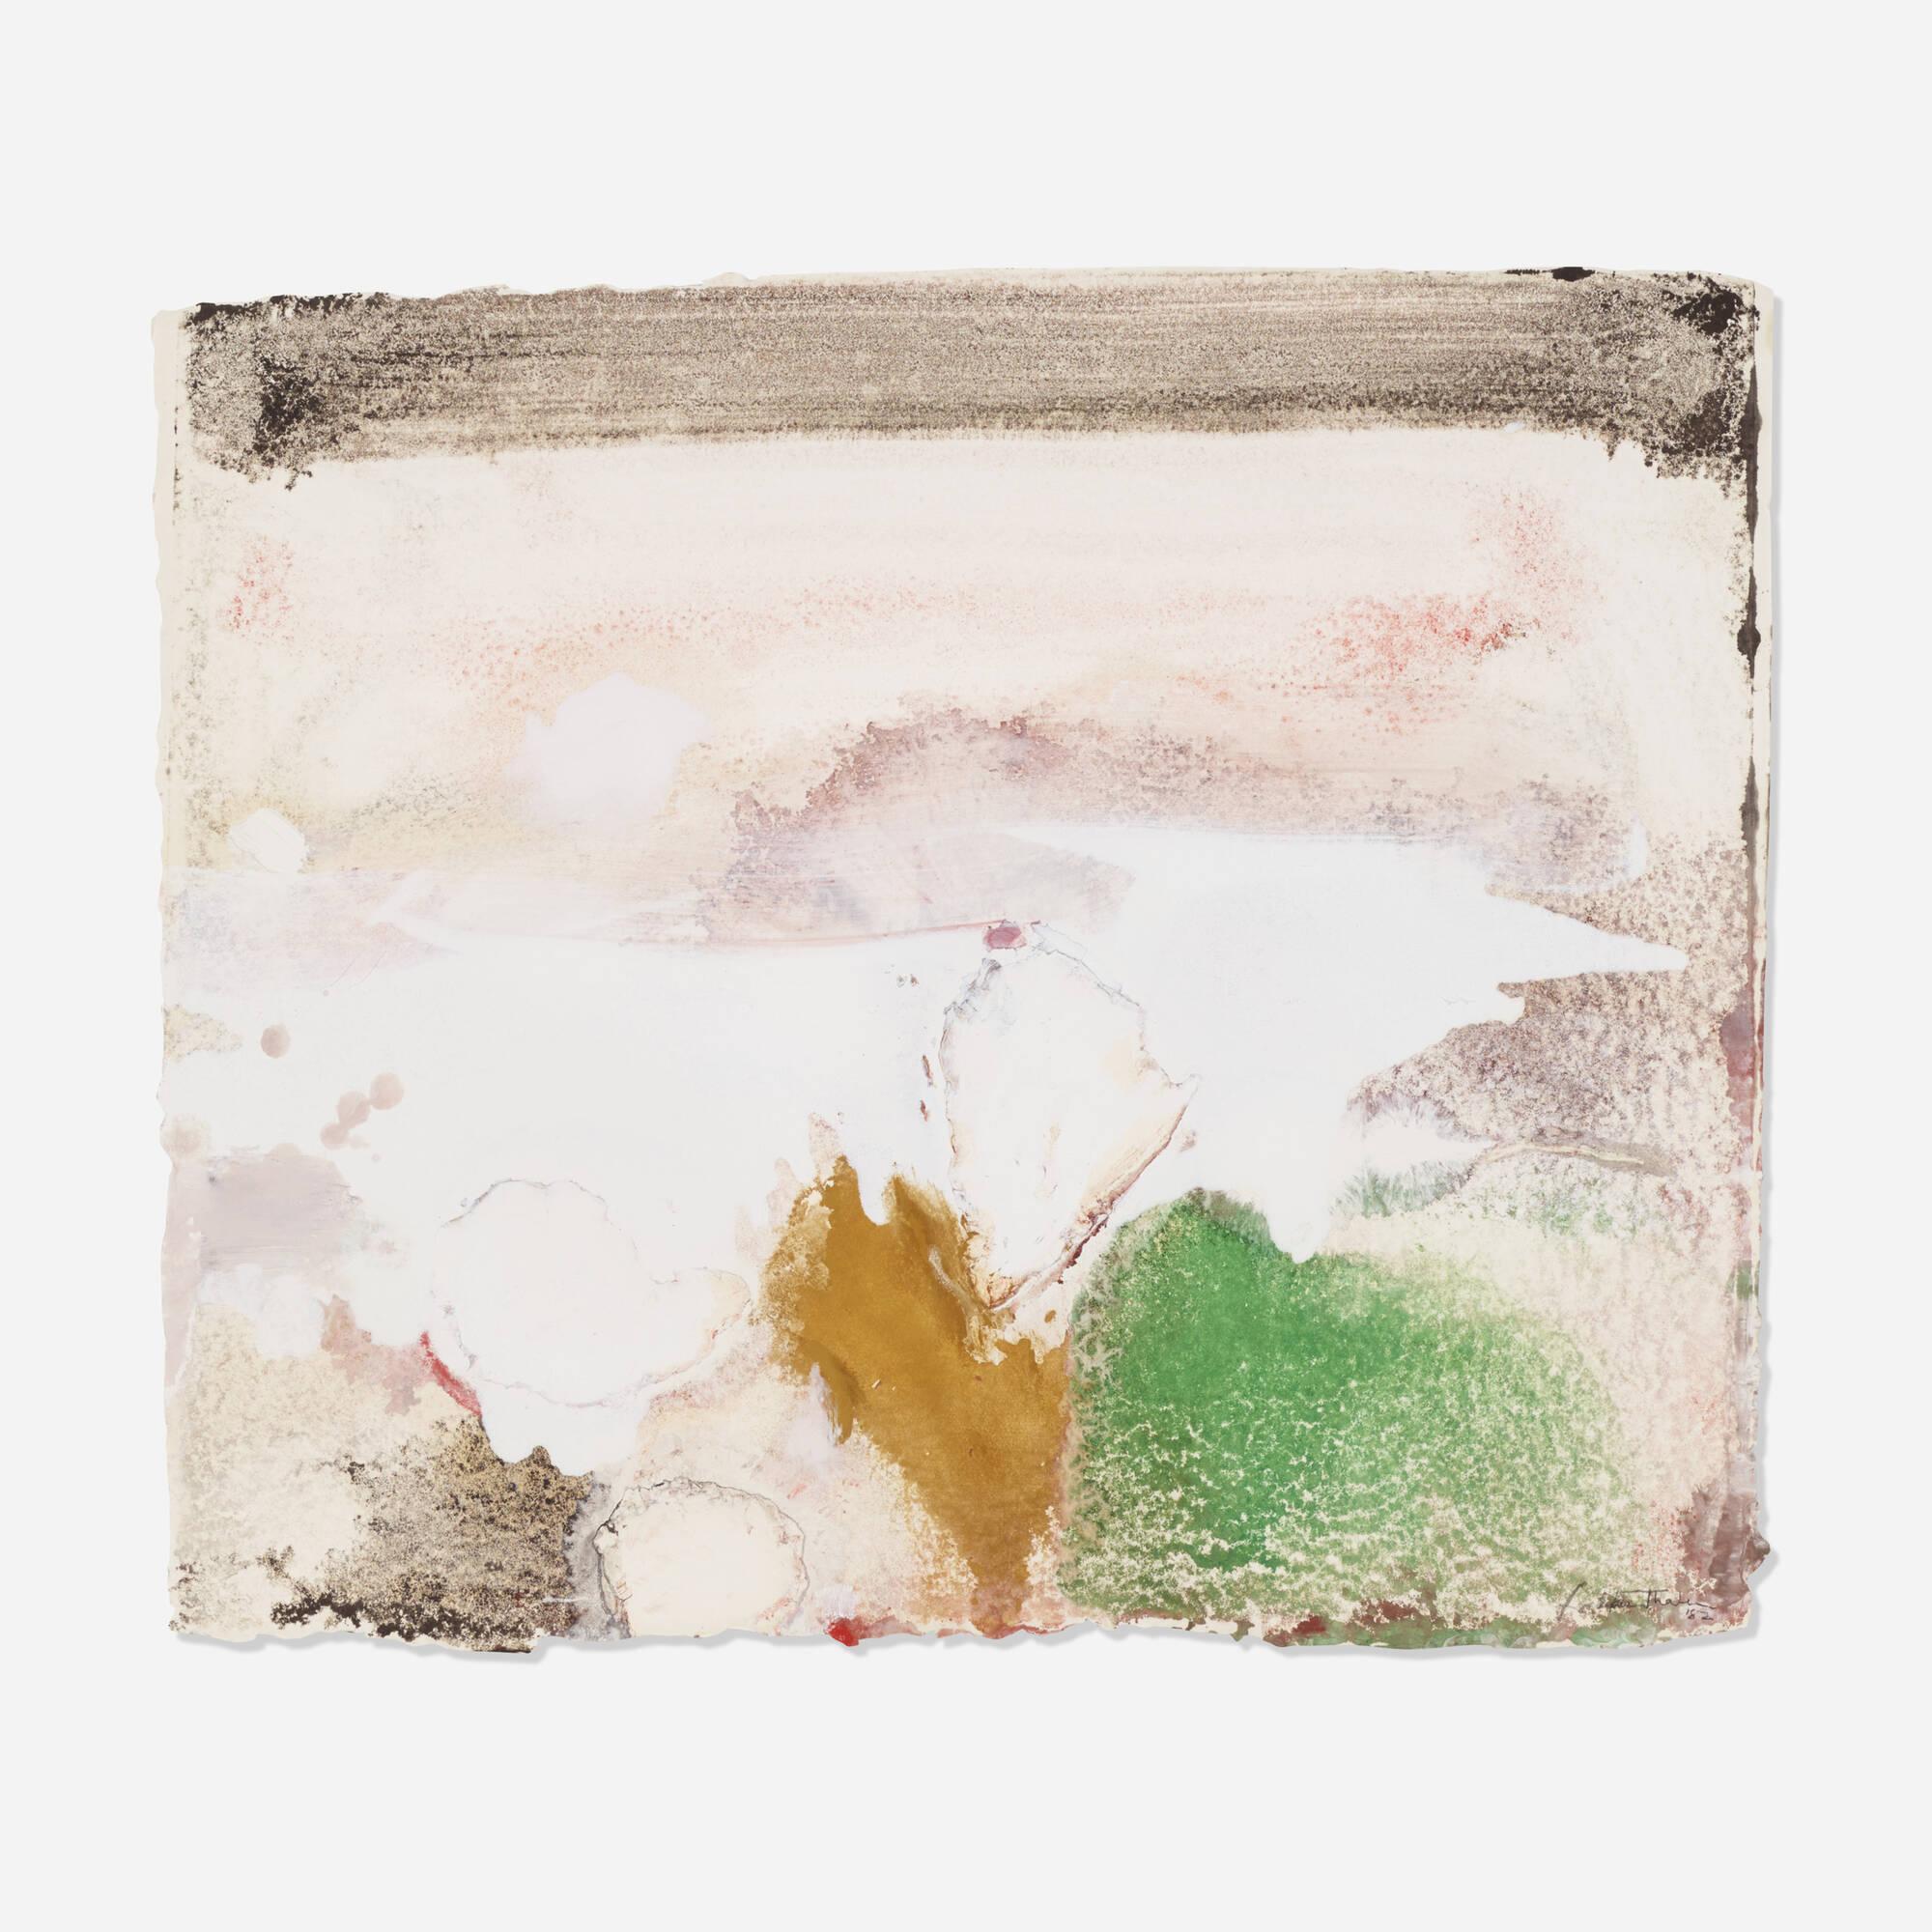 102: Helen Frankenthaler / Bay Area Tuesday III (1 of 2)